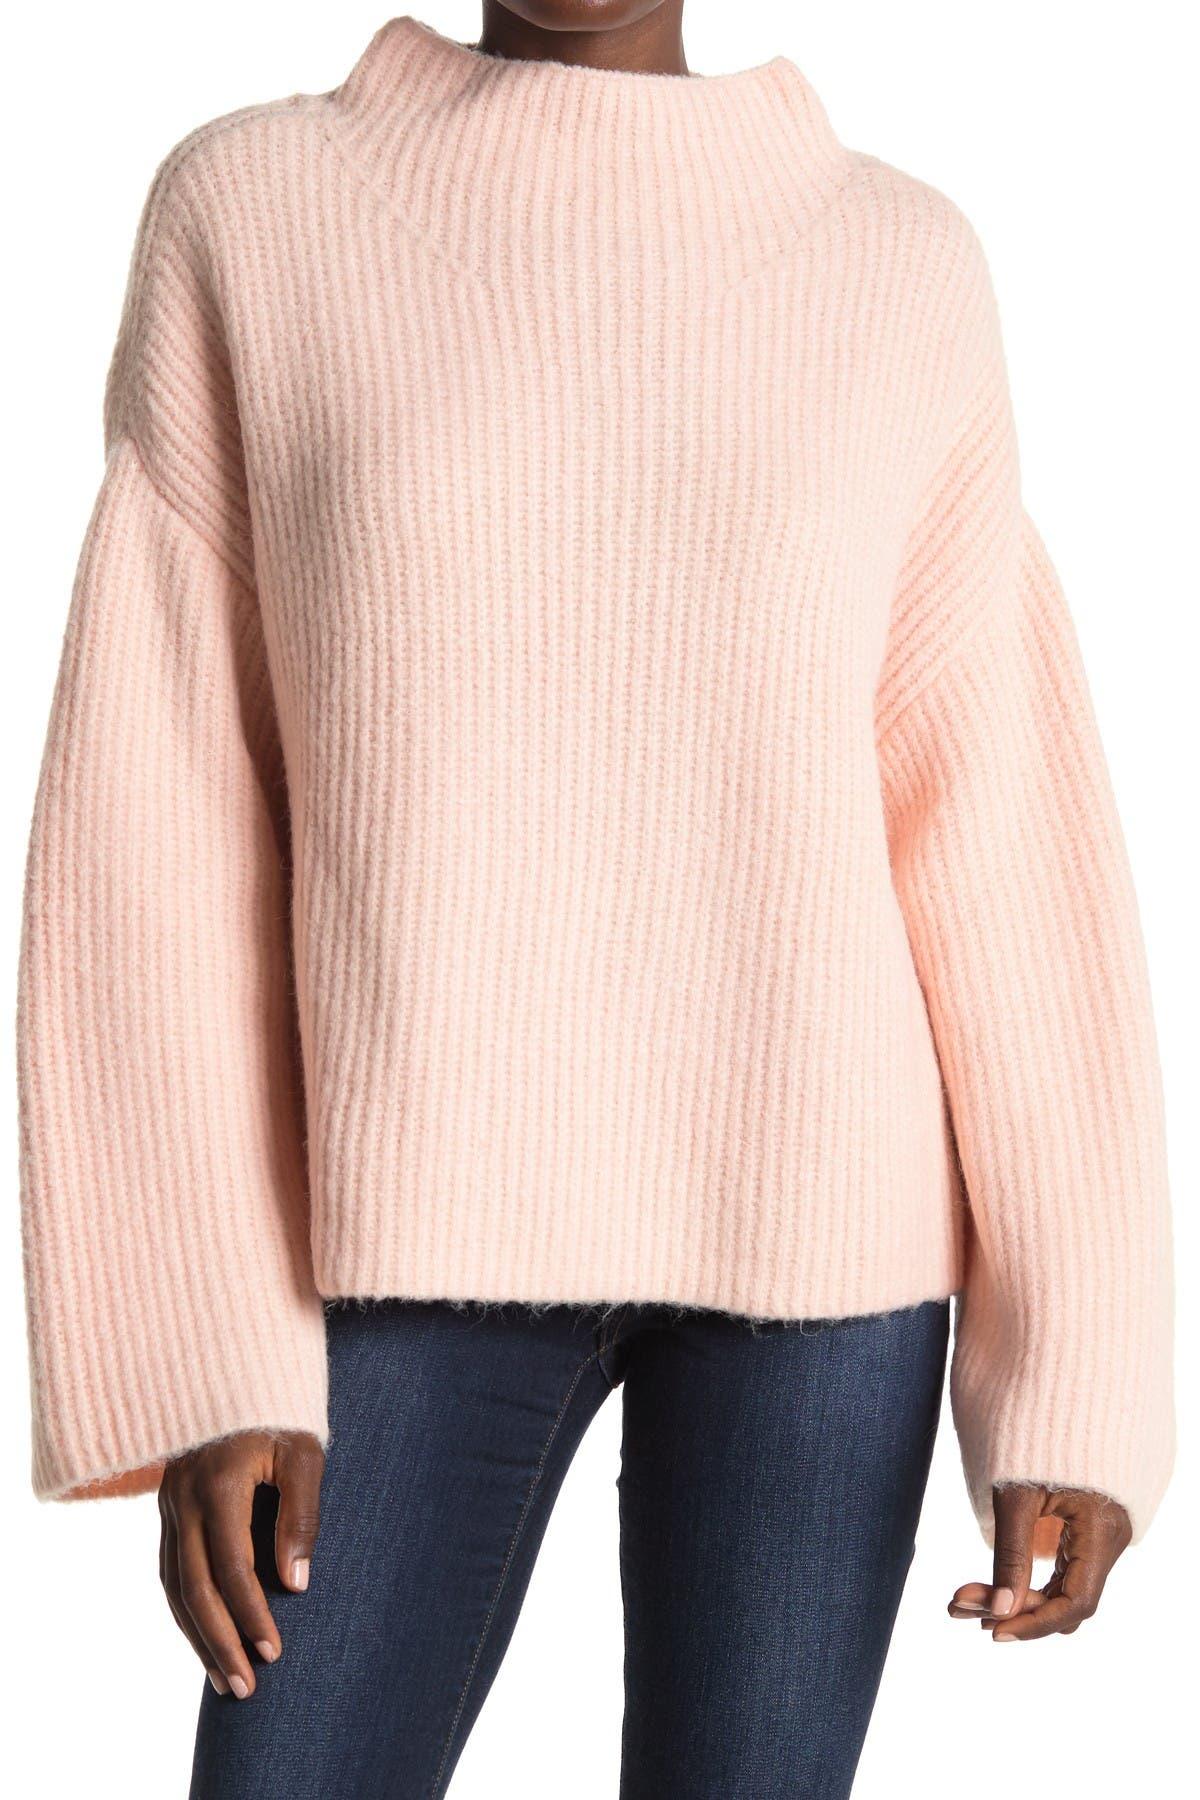 Image of Line Jesline High Neck Sweater